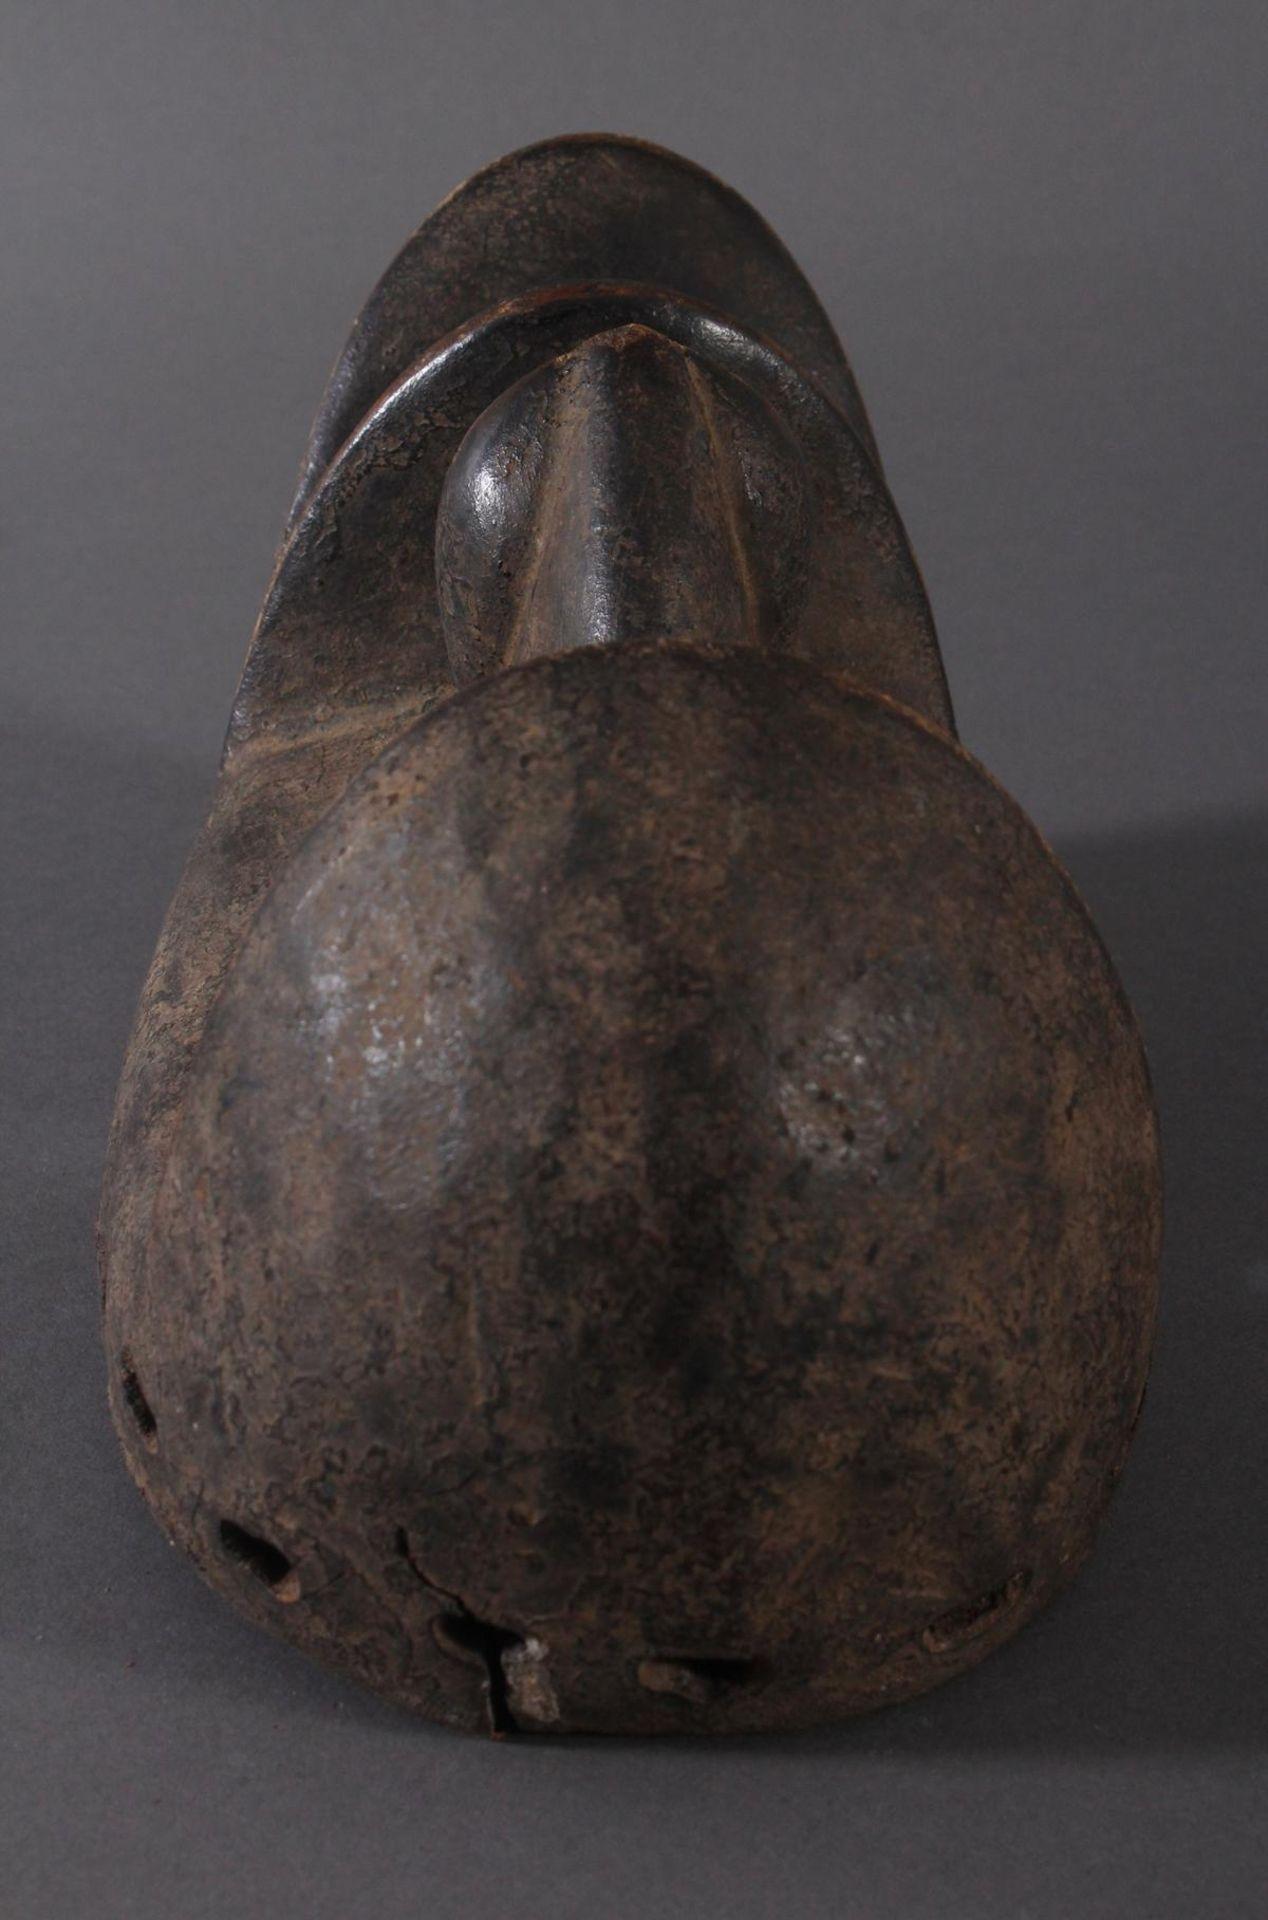 Antike Maske der Dan-Kran, Elfenbeinküste 1. Hälfte 20. Jh.Holz geschnitzt, dunkle Patina ,nach - Bild 6 aus 6